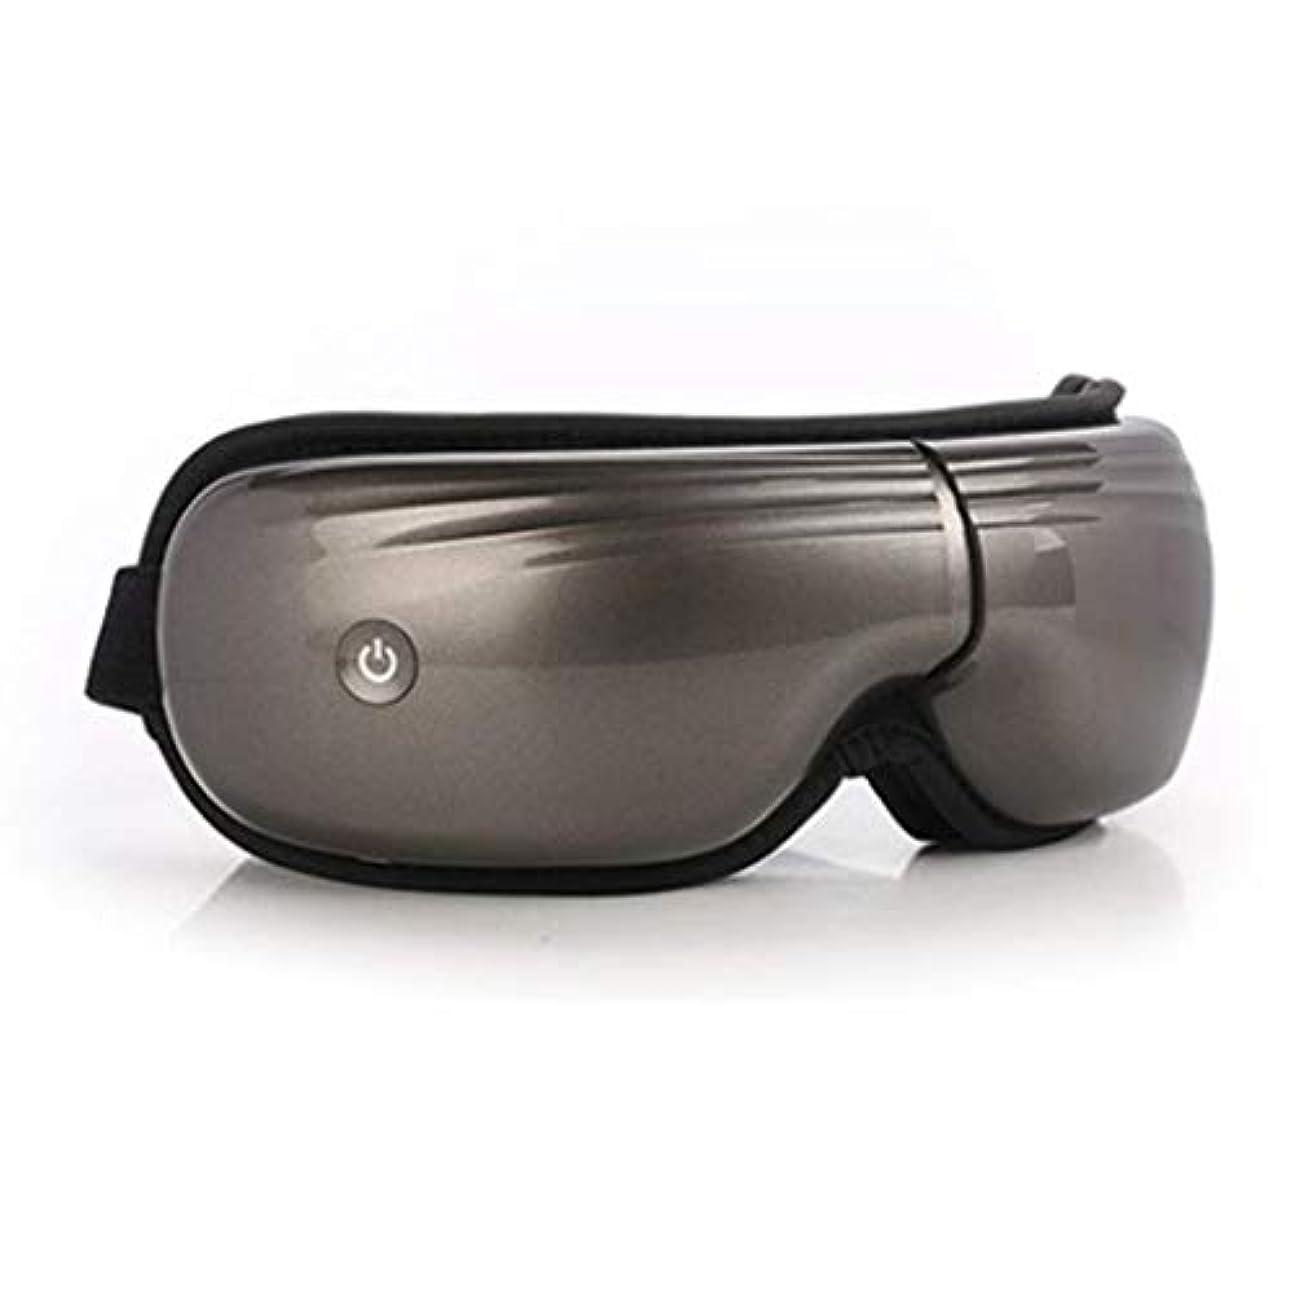 豊富な合計ブッシュアイマッサージアイマスク、アイマッサージャー、USB充電式ポータブルアイツール、ホットコンプレッションおよびフォールディングホーム、ダークサークルアイバッグおよびアイ疲労の改善、いつでも、いつでも持ち運びが簡単